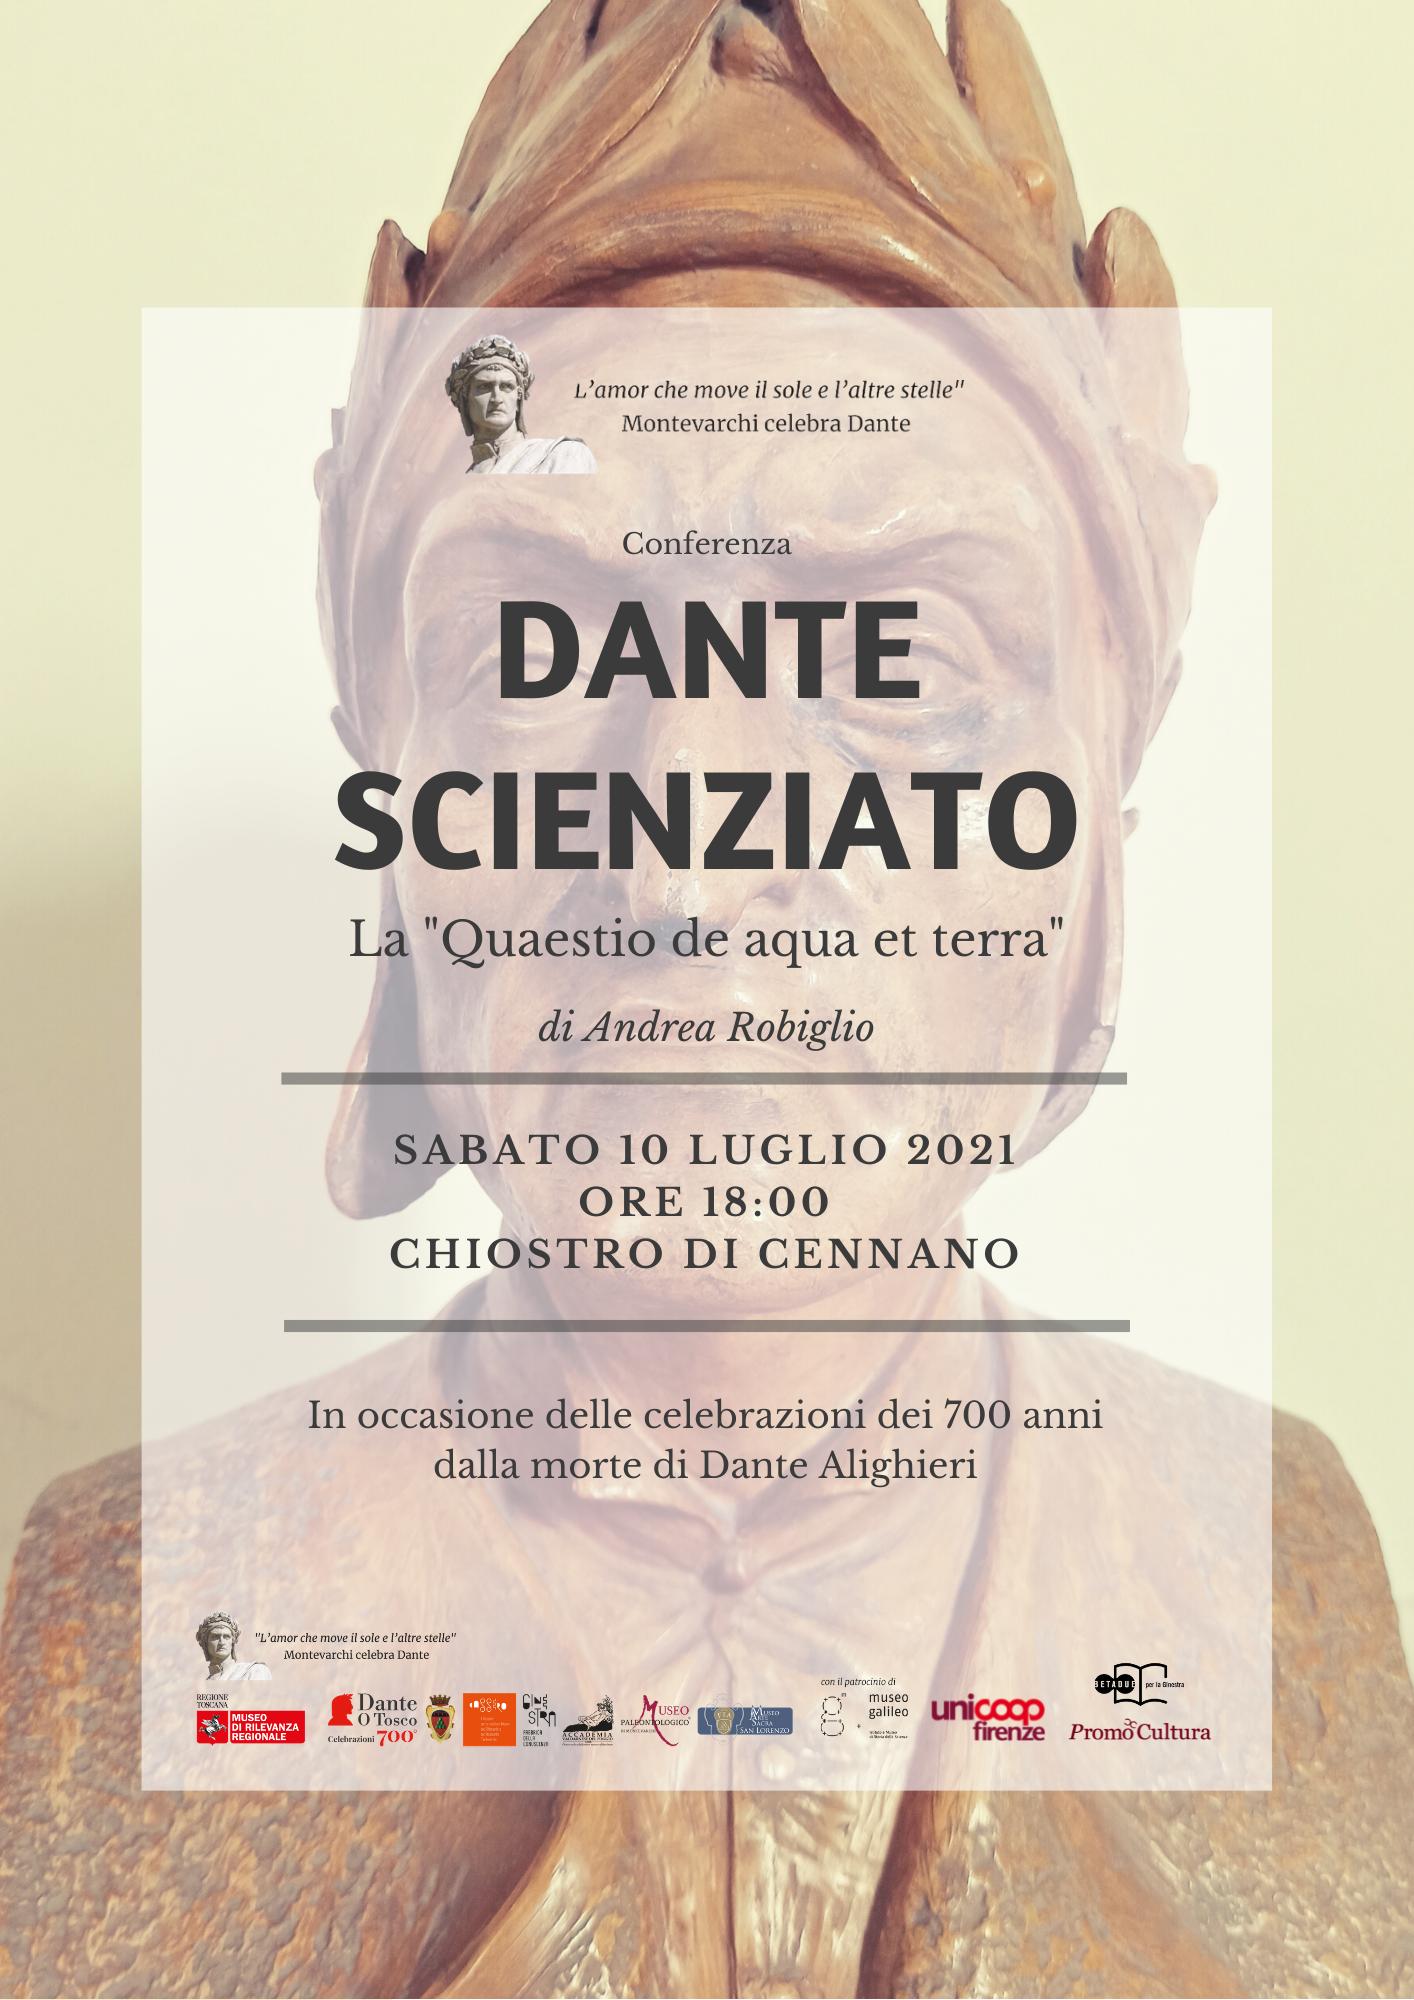 Dante scienziato